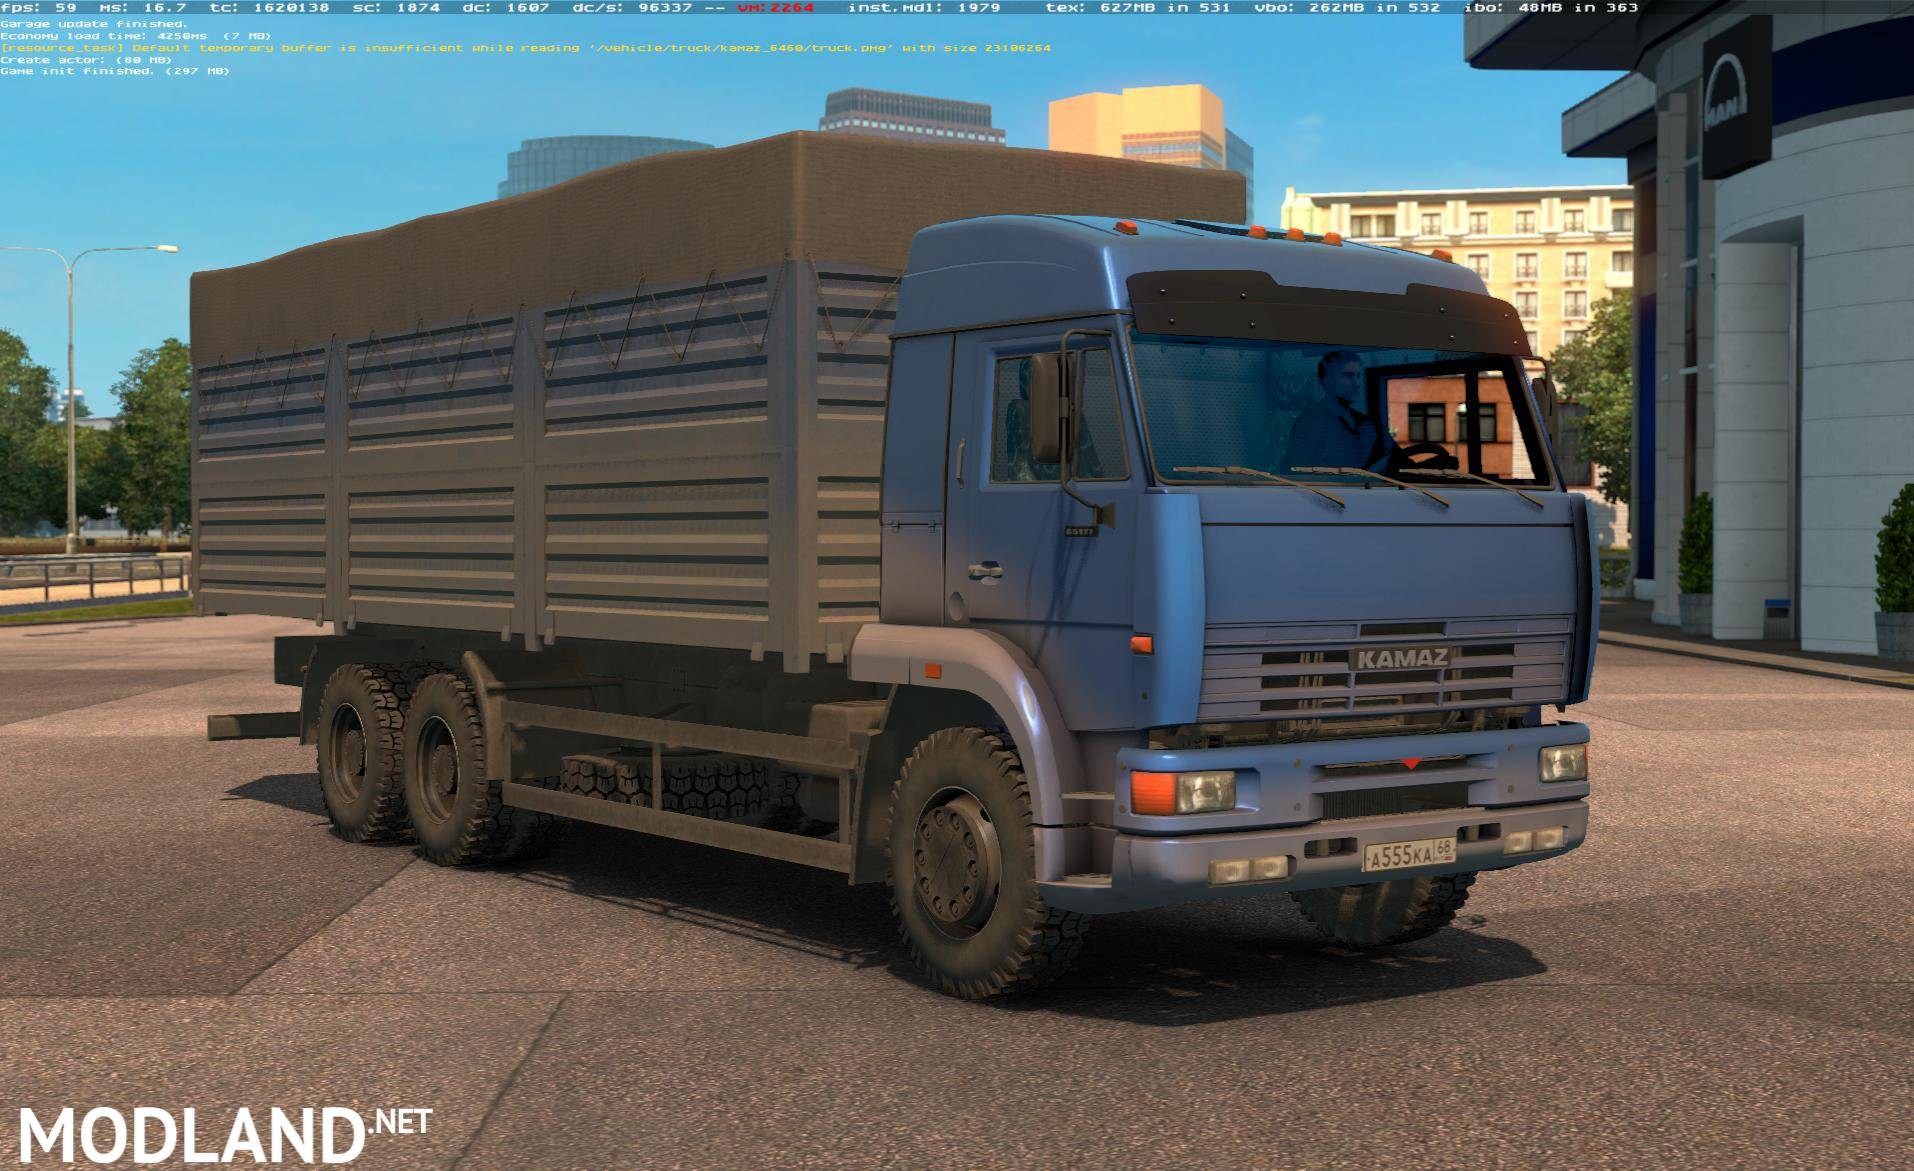 Kamaz 54 64 65 Bykoral V1 1 1 22 Mod For Ets 2